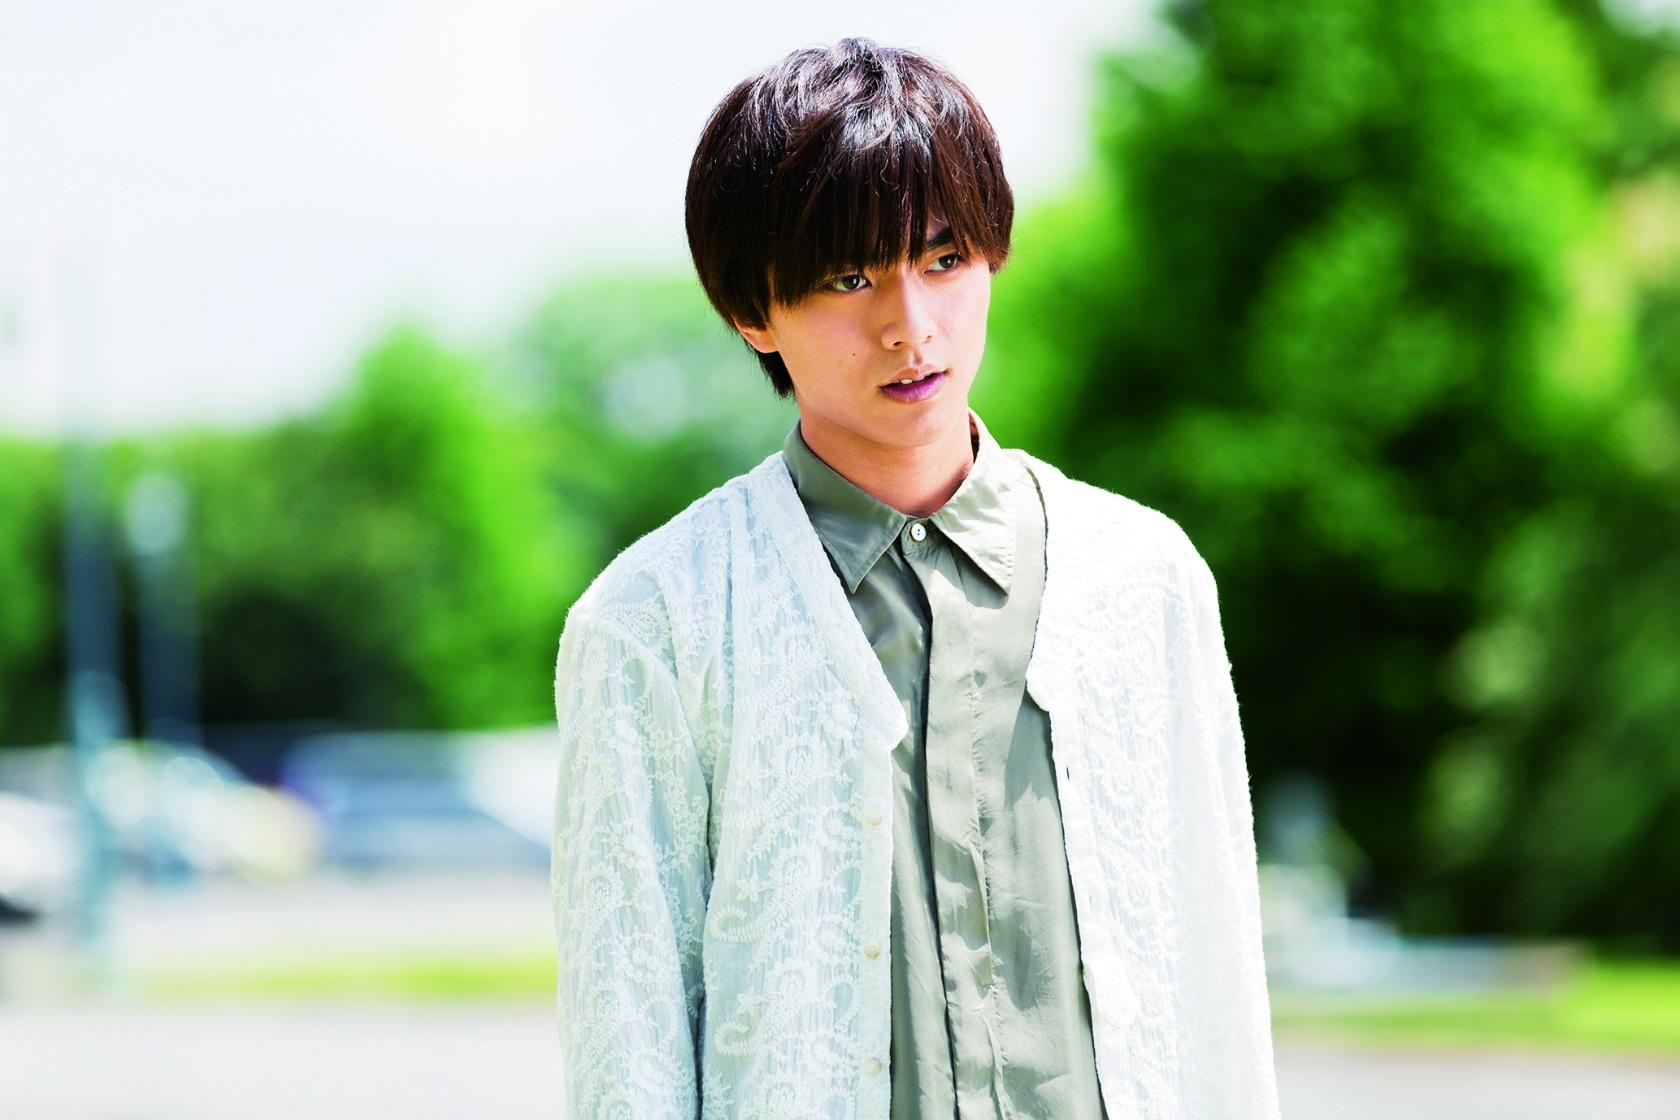 名門・烏丸家の若き当主となった花穎を演じた永瀬廉は、本作で映画初主演